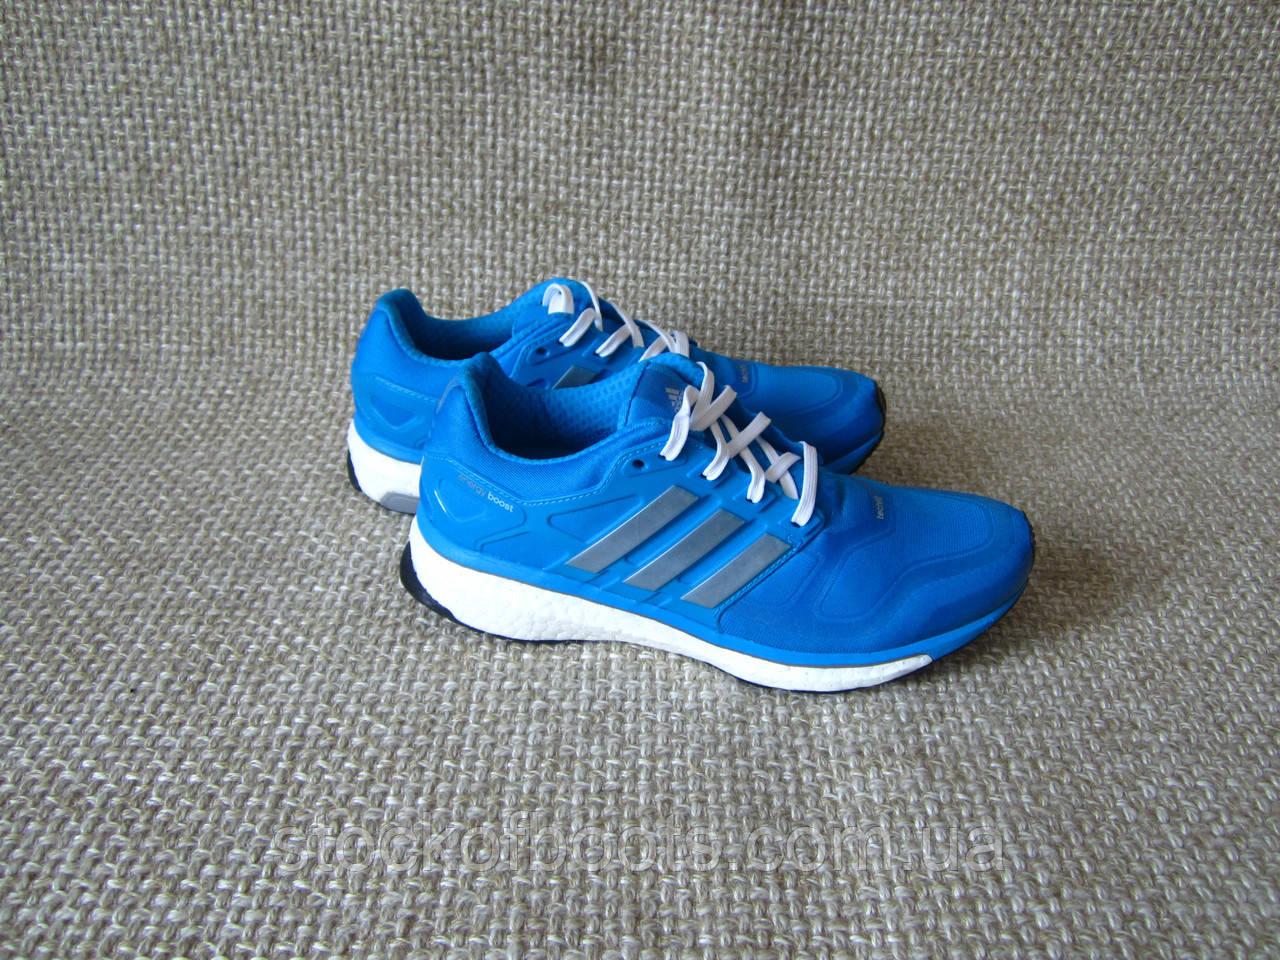 65da5fde6794cf Кросівки жіночі для бігу adidas energy boost 2 D66256 розмір 38 ...